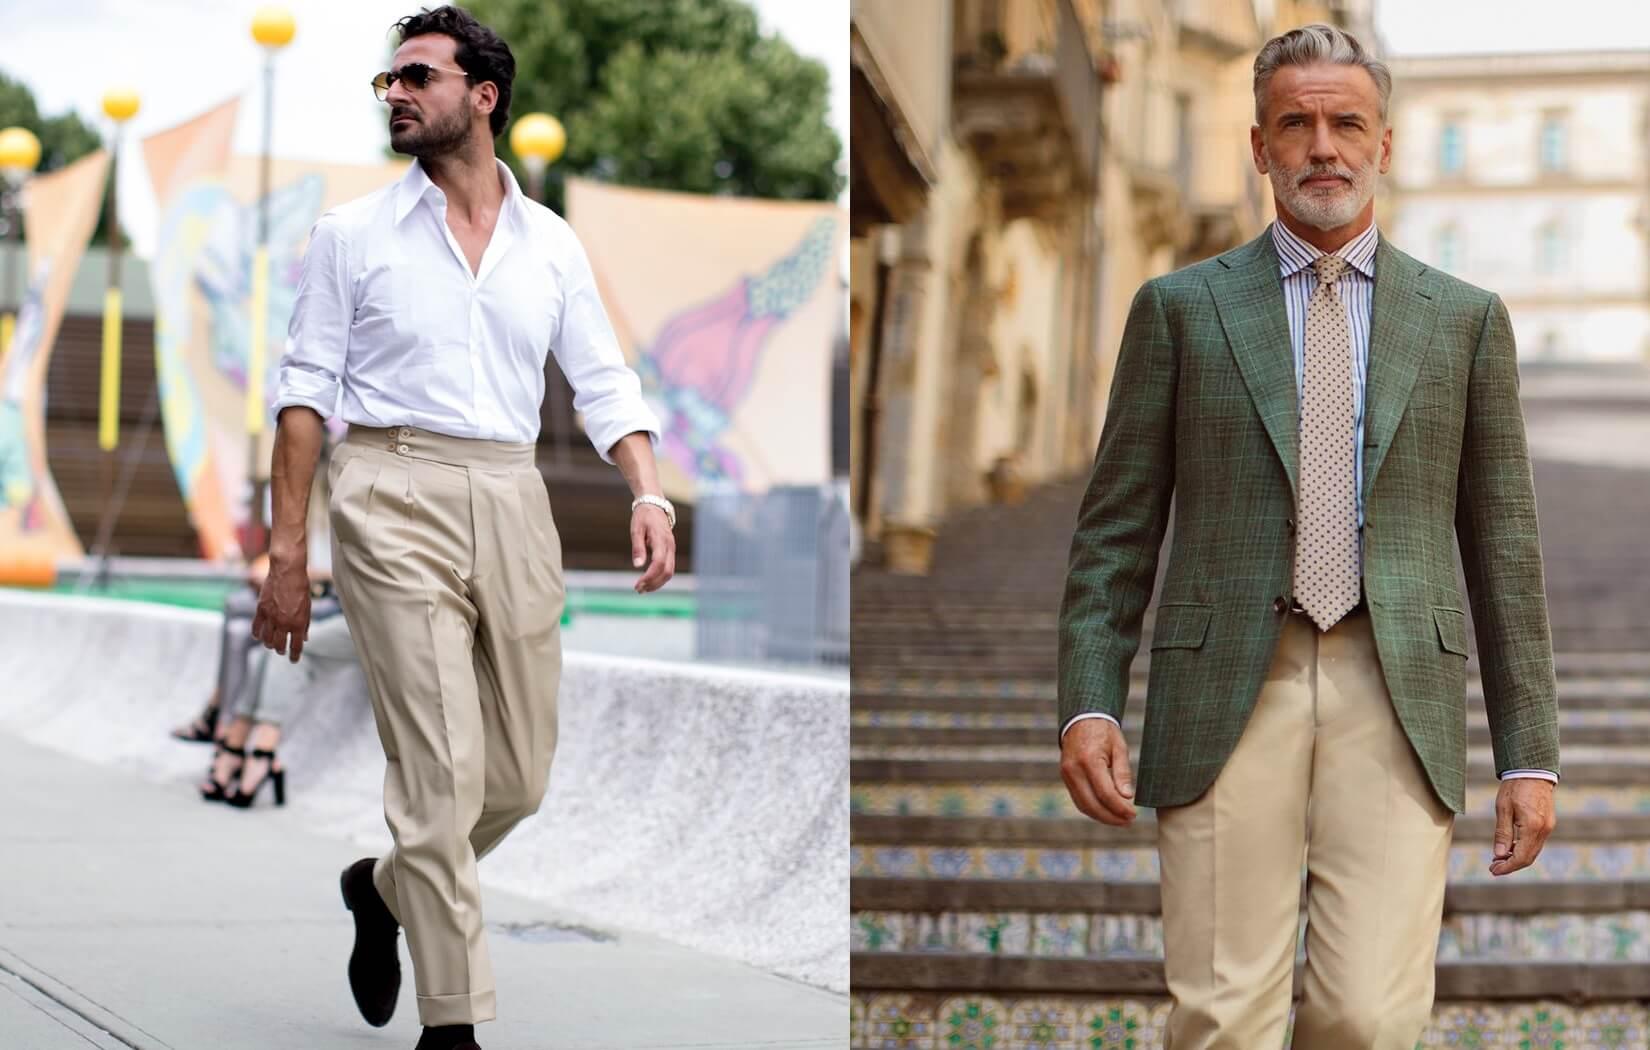 new concept 186ce 8f892 Pantaloni beige: 5 abbinamenti uomo che funzionano sempre ...